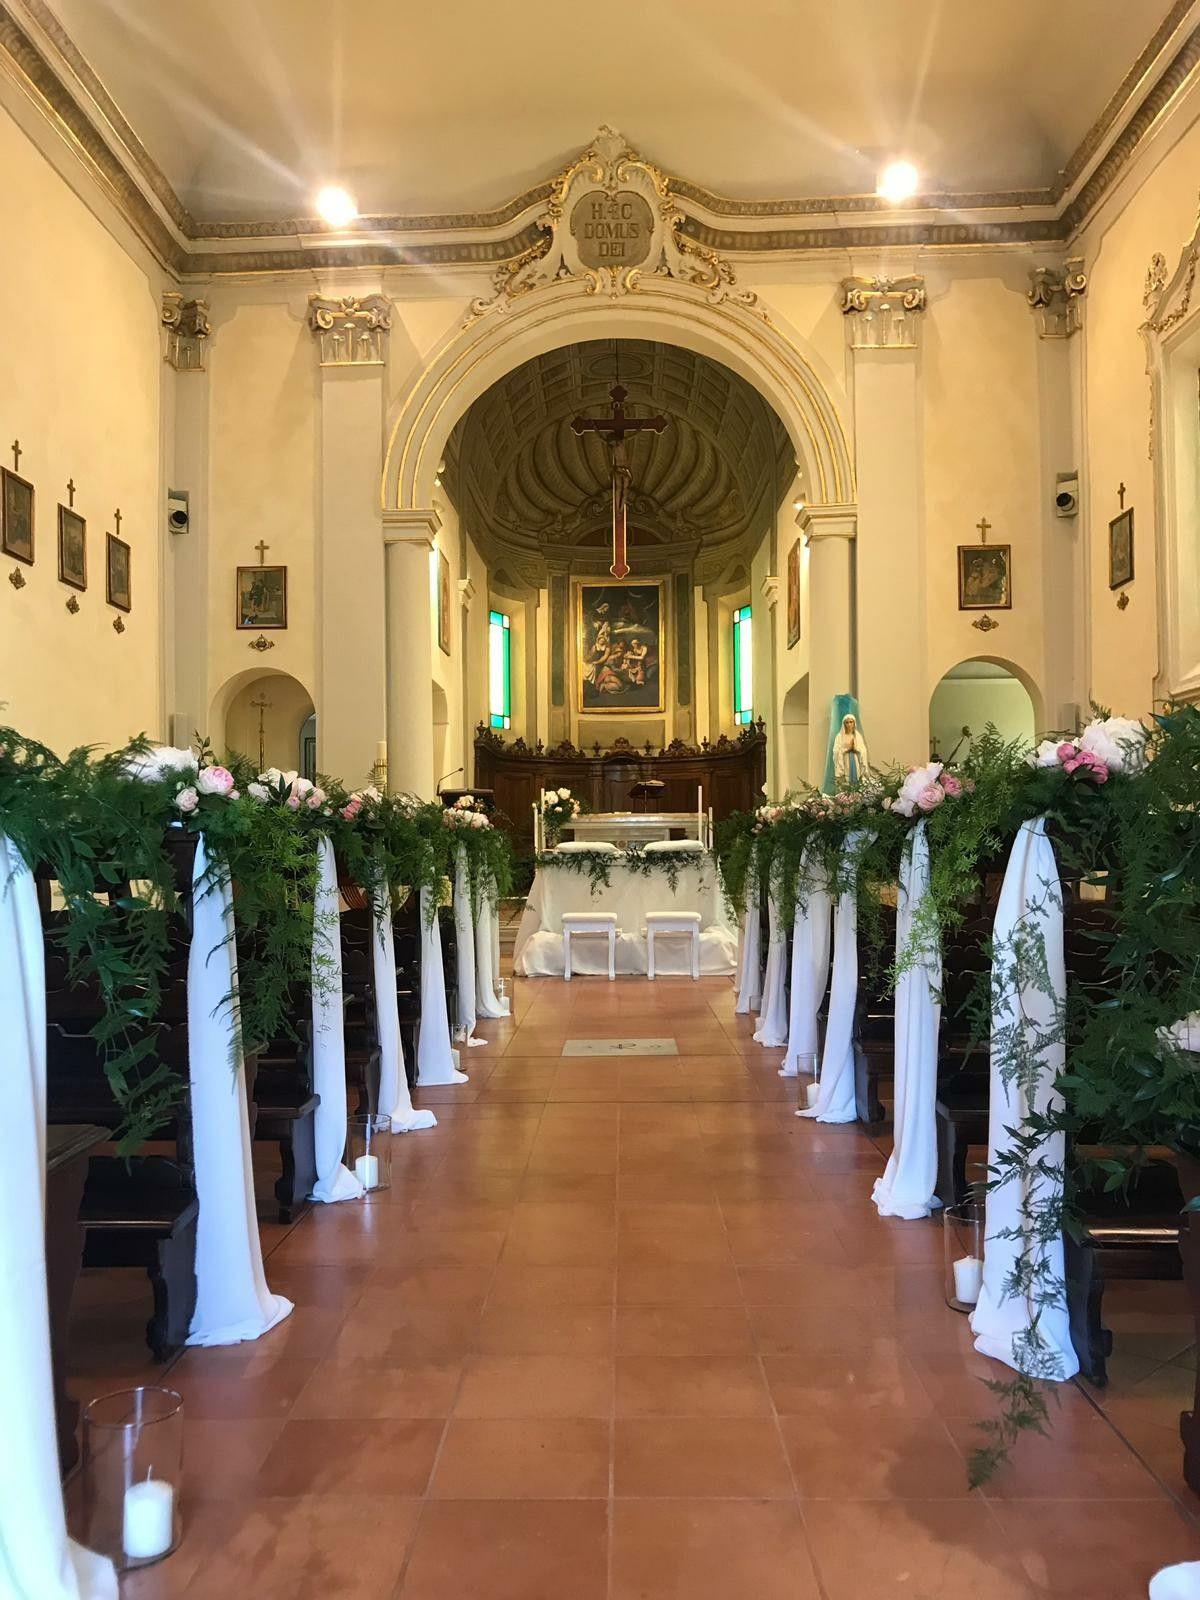 Catholic church wedding decoration Waiting for the wedding